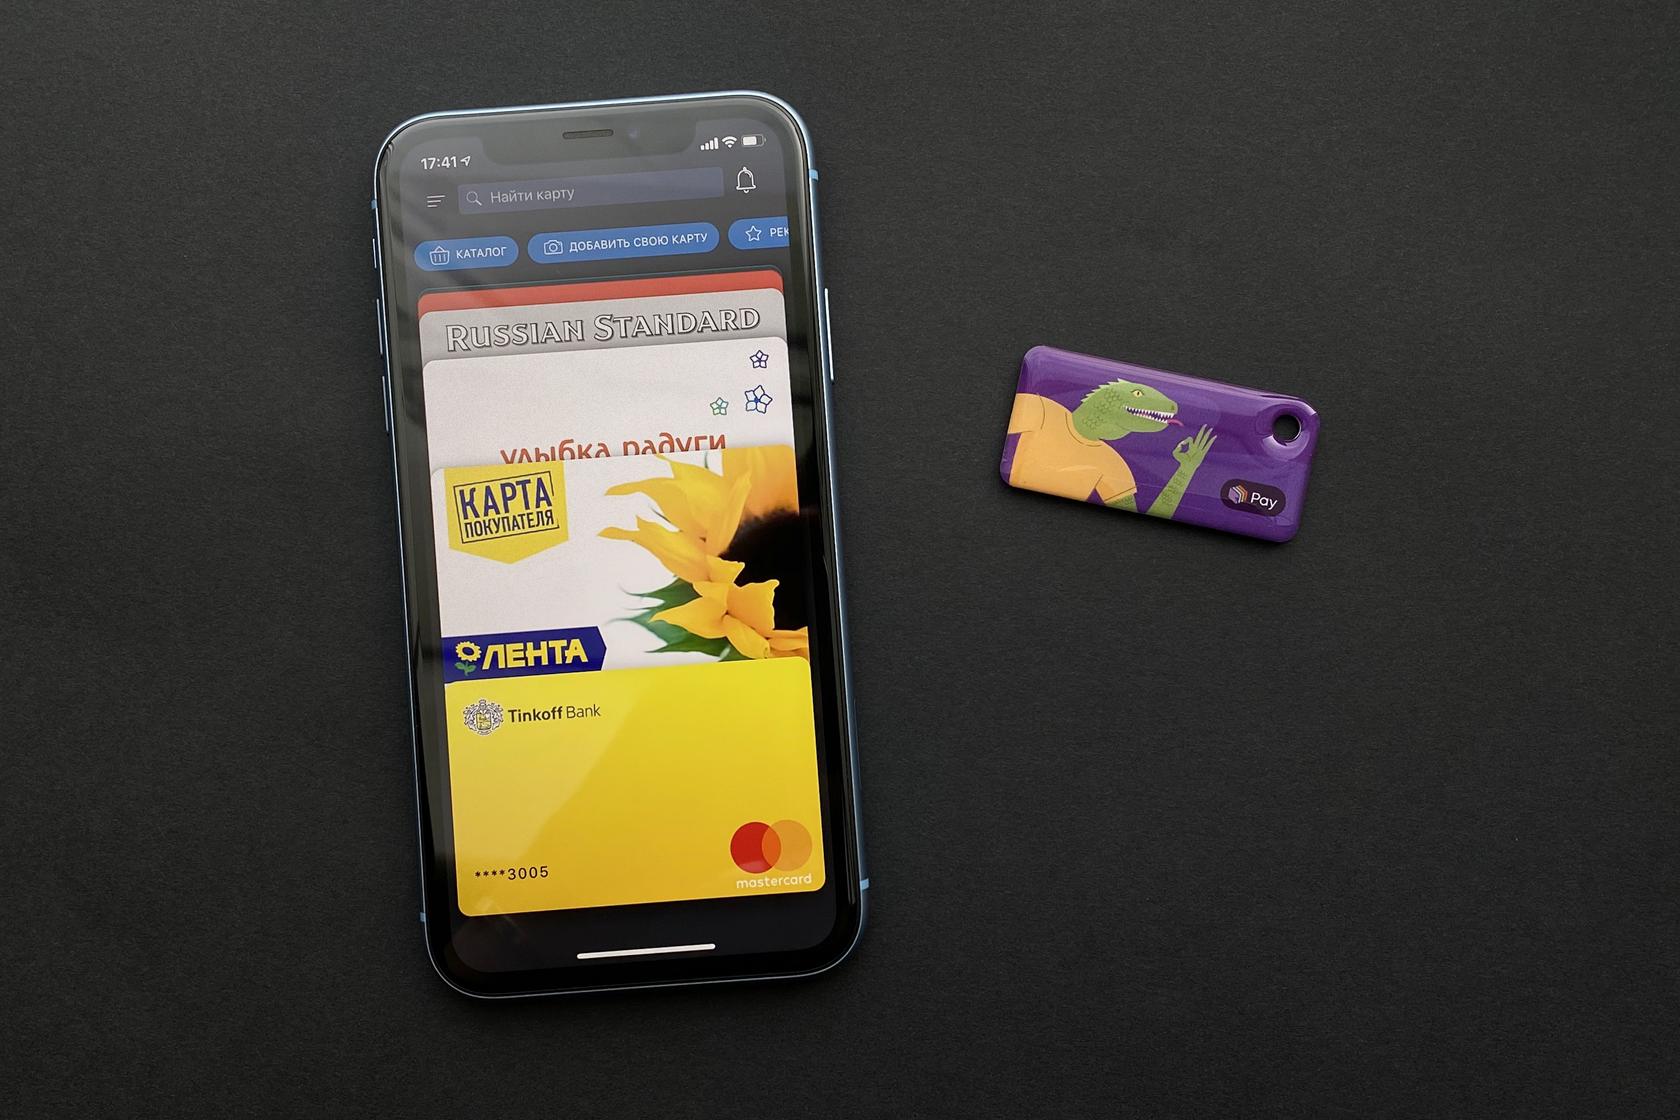 Как мы загружали банковскую карту из iPhone в брелок